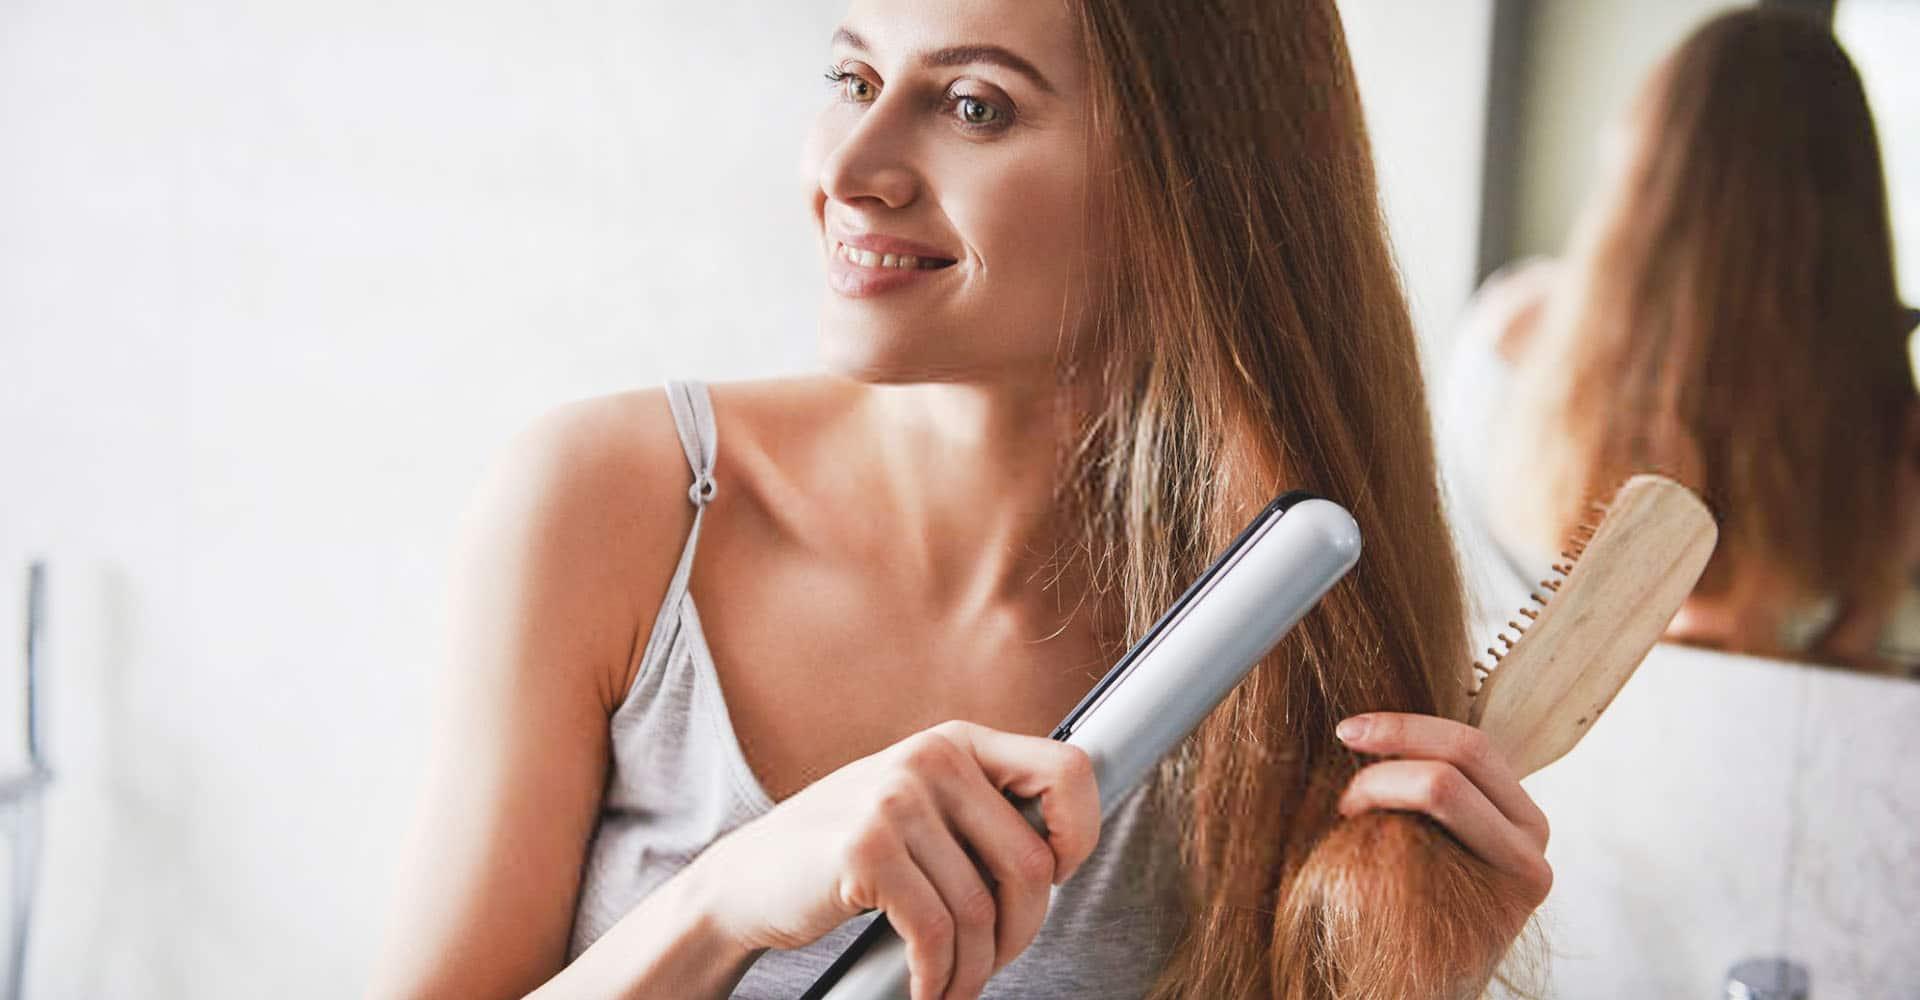 Frau glättet Haare im Haarglätter im Badezimmer vor Spiegel